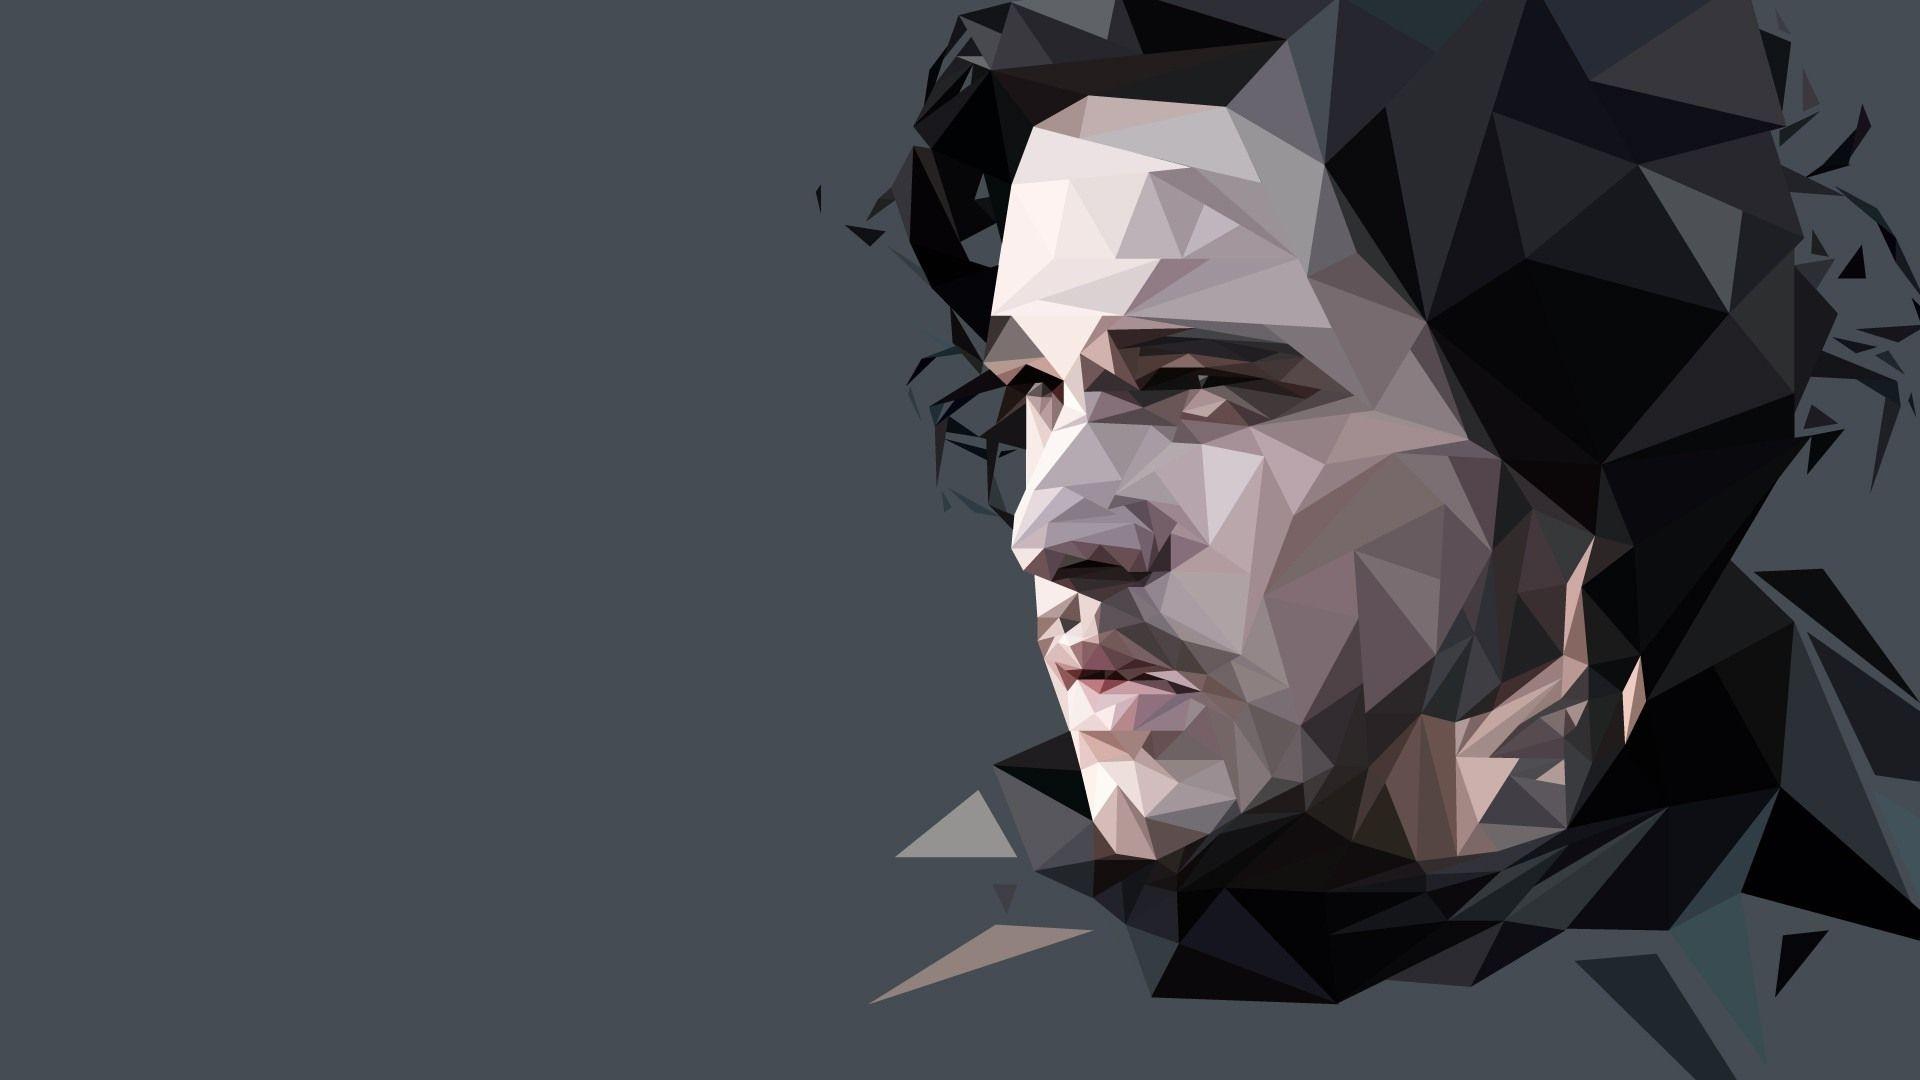 Jon Snow polygon art